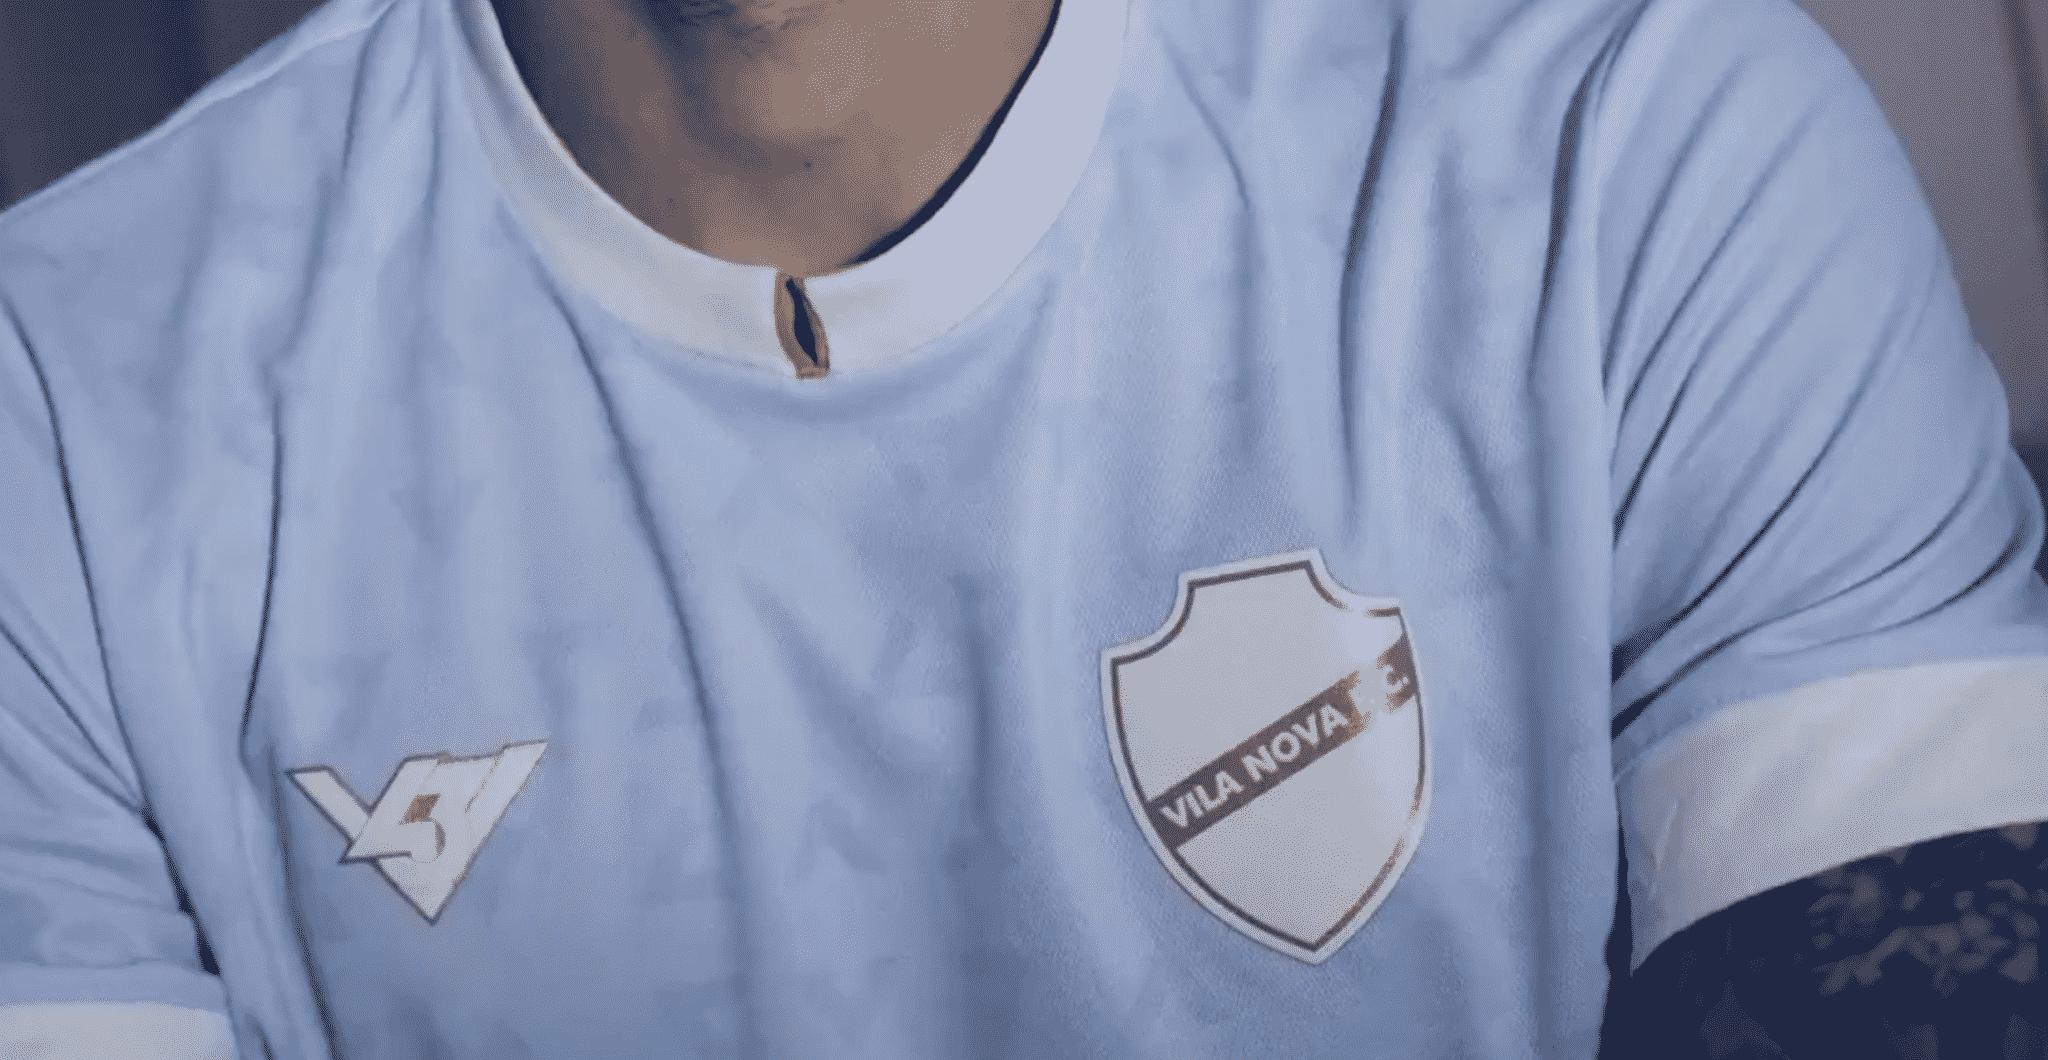 Vila Nova apresenta terceiro uniforme em homenagem a argentinos